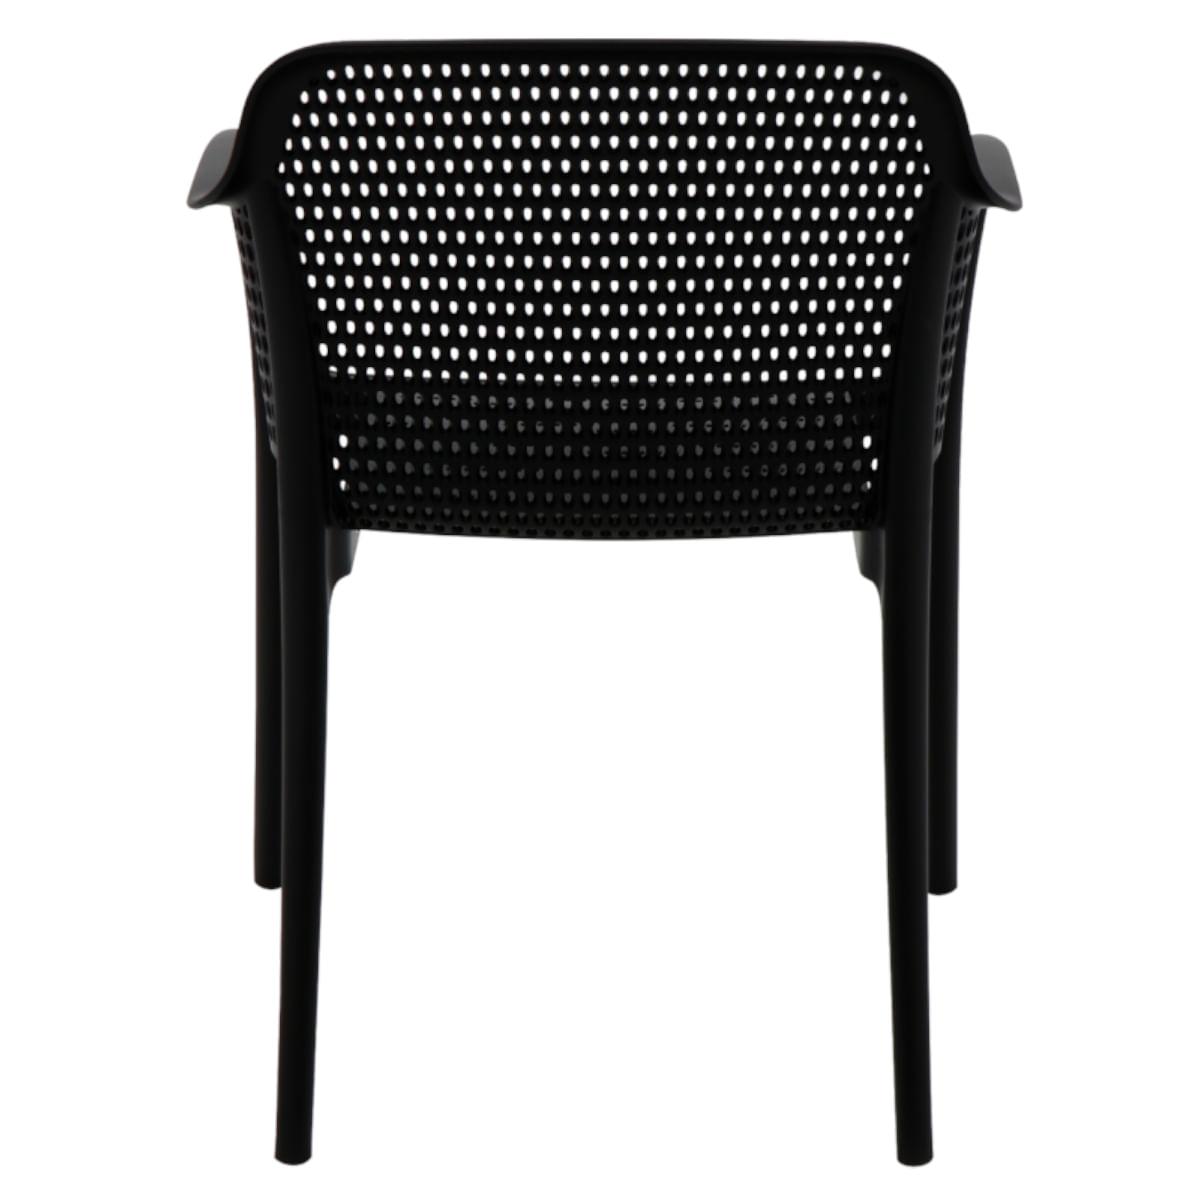 Cadeira Tramontina Gabriela Preta em Polipropileno e Fibra de Vidro